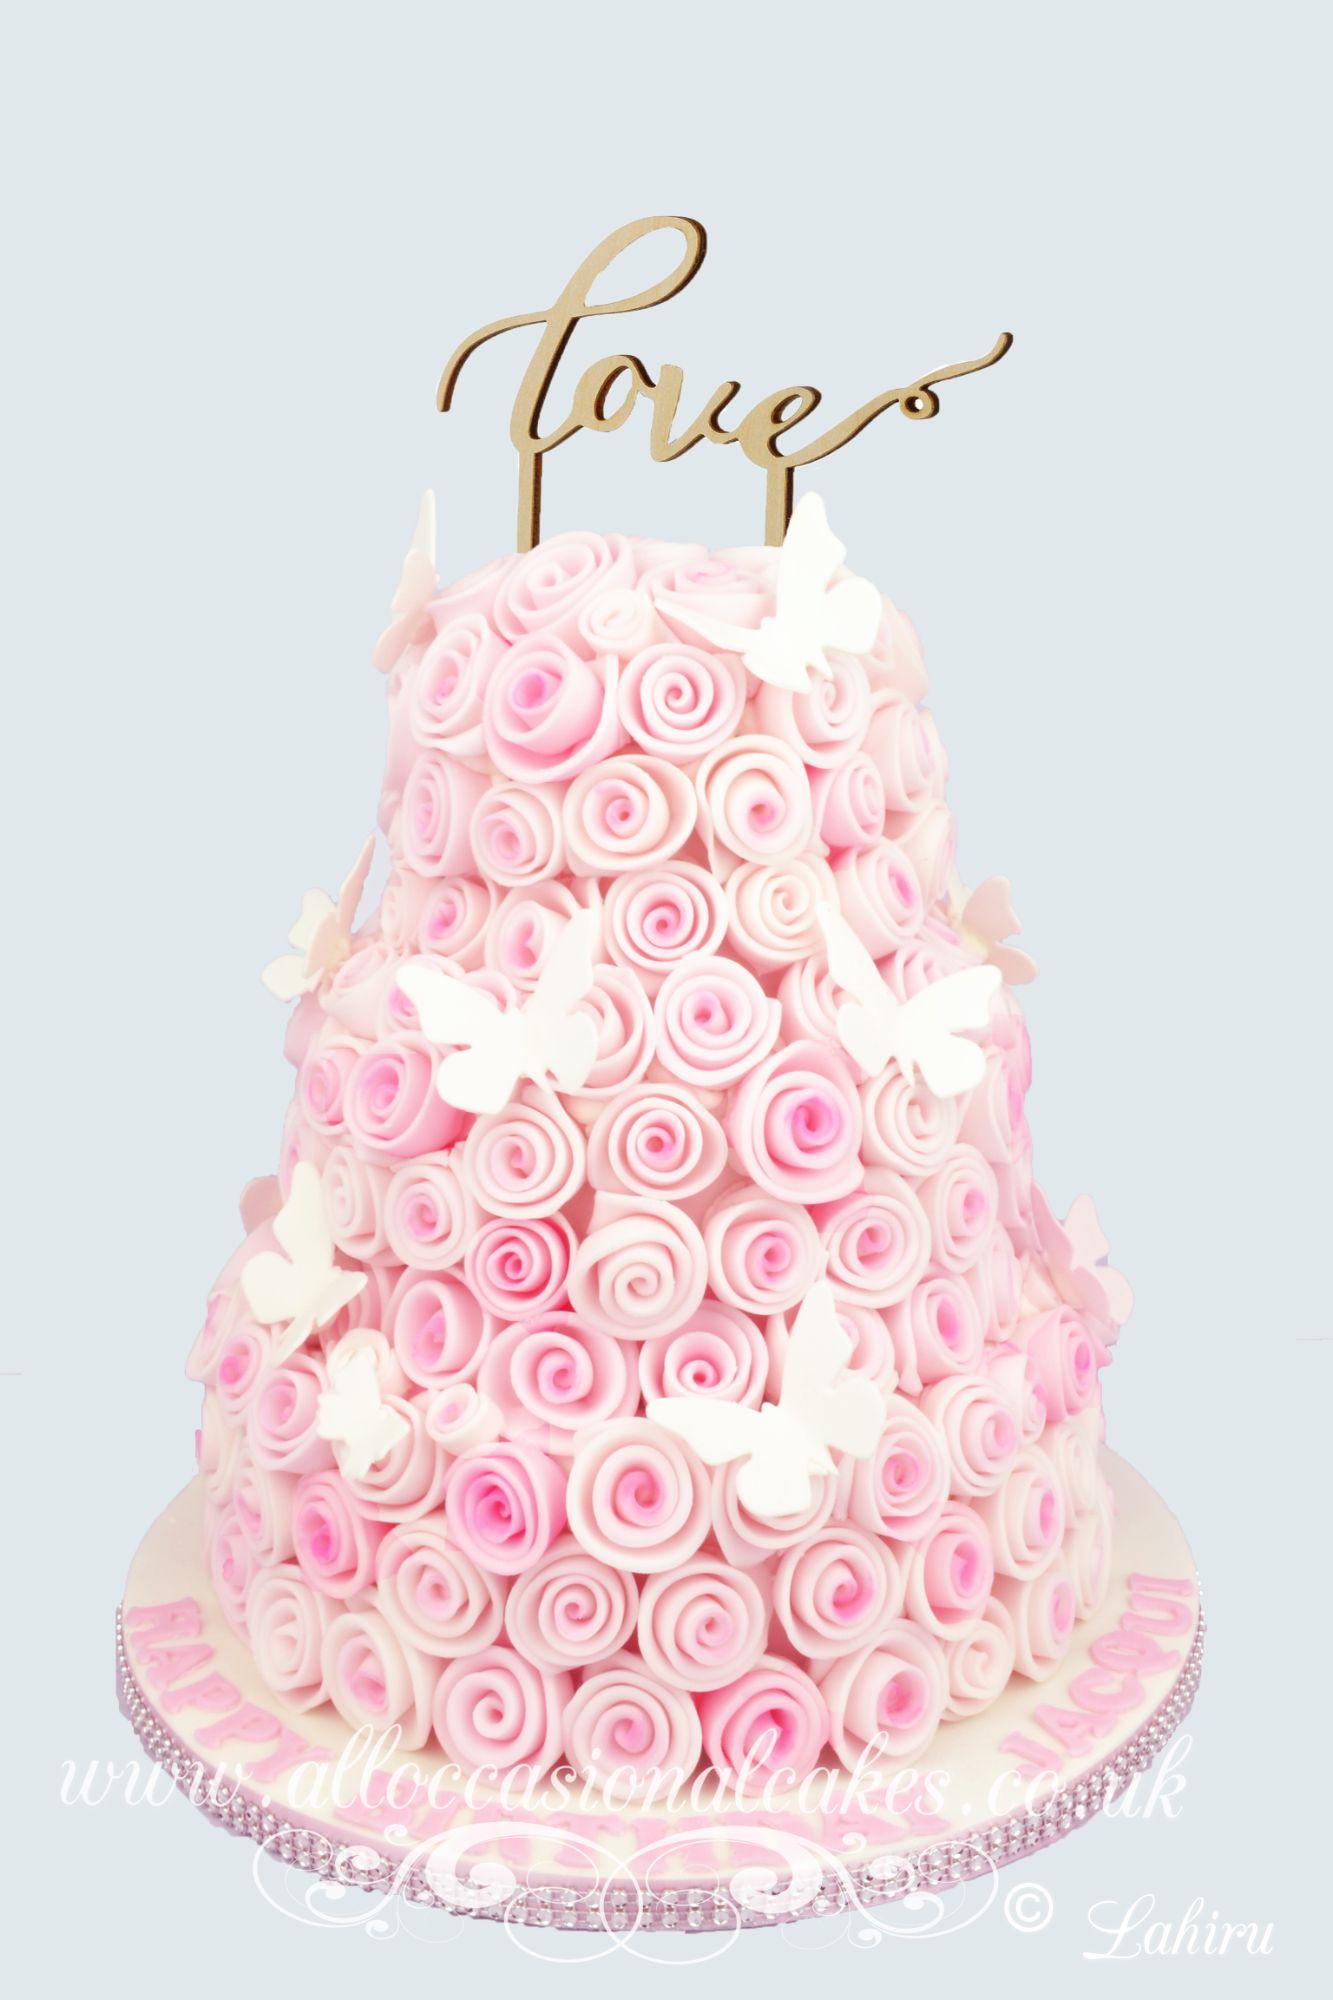 full of rose covered cake